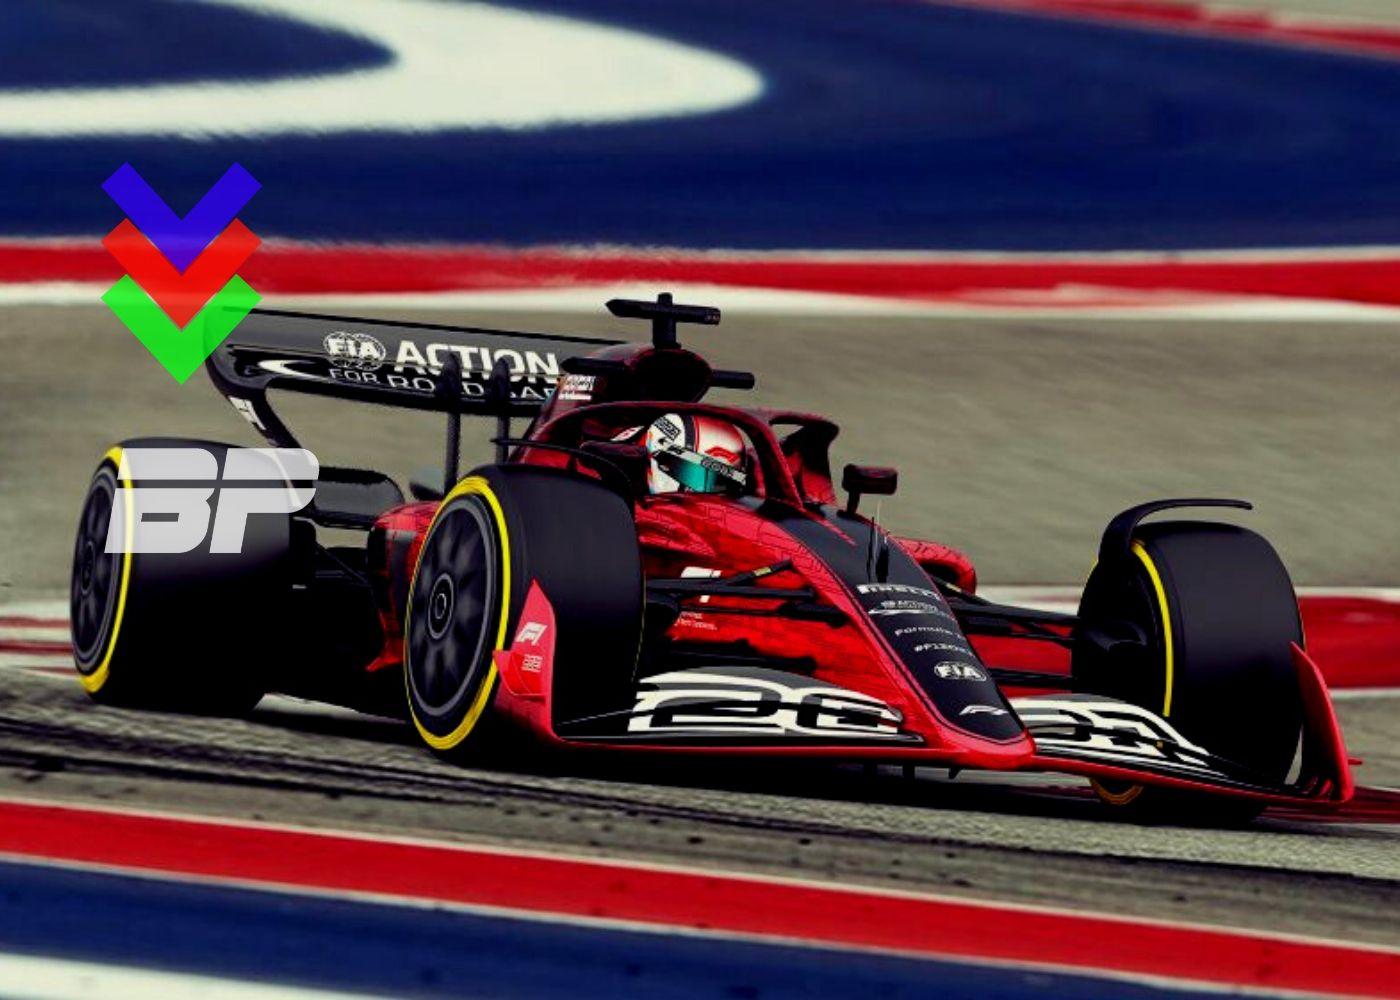 Foto de Fórmula 1 revela o regulamento de 2021, com teto orçamentário e regras para tornar a categoria mais competitiva